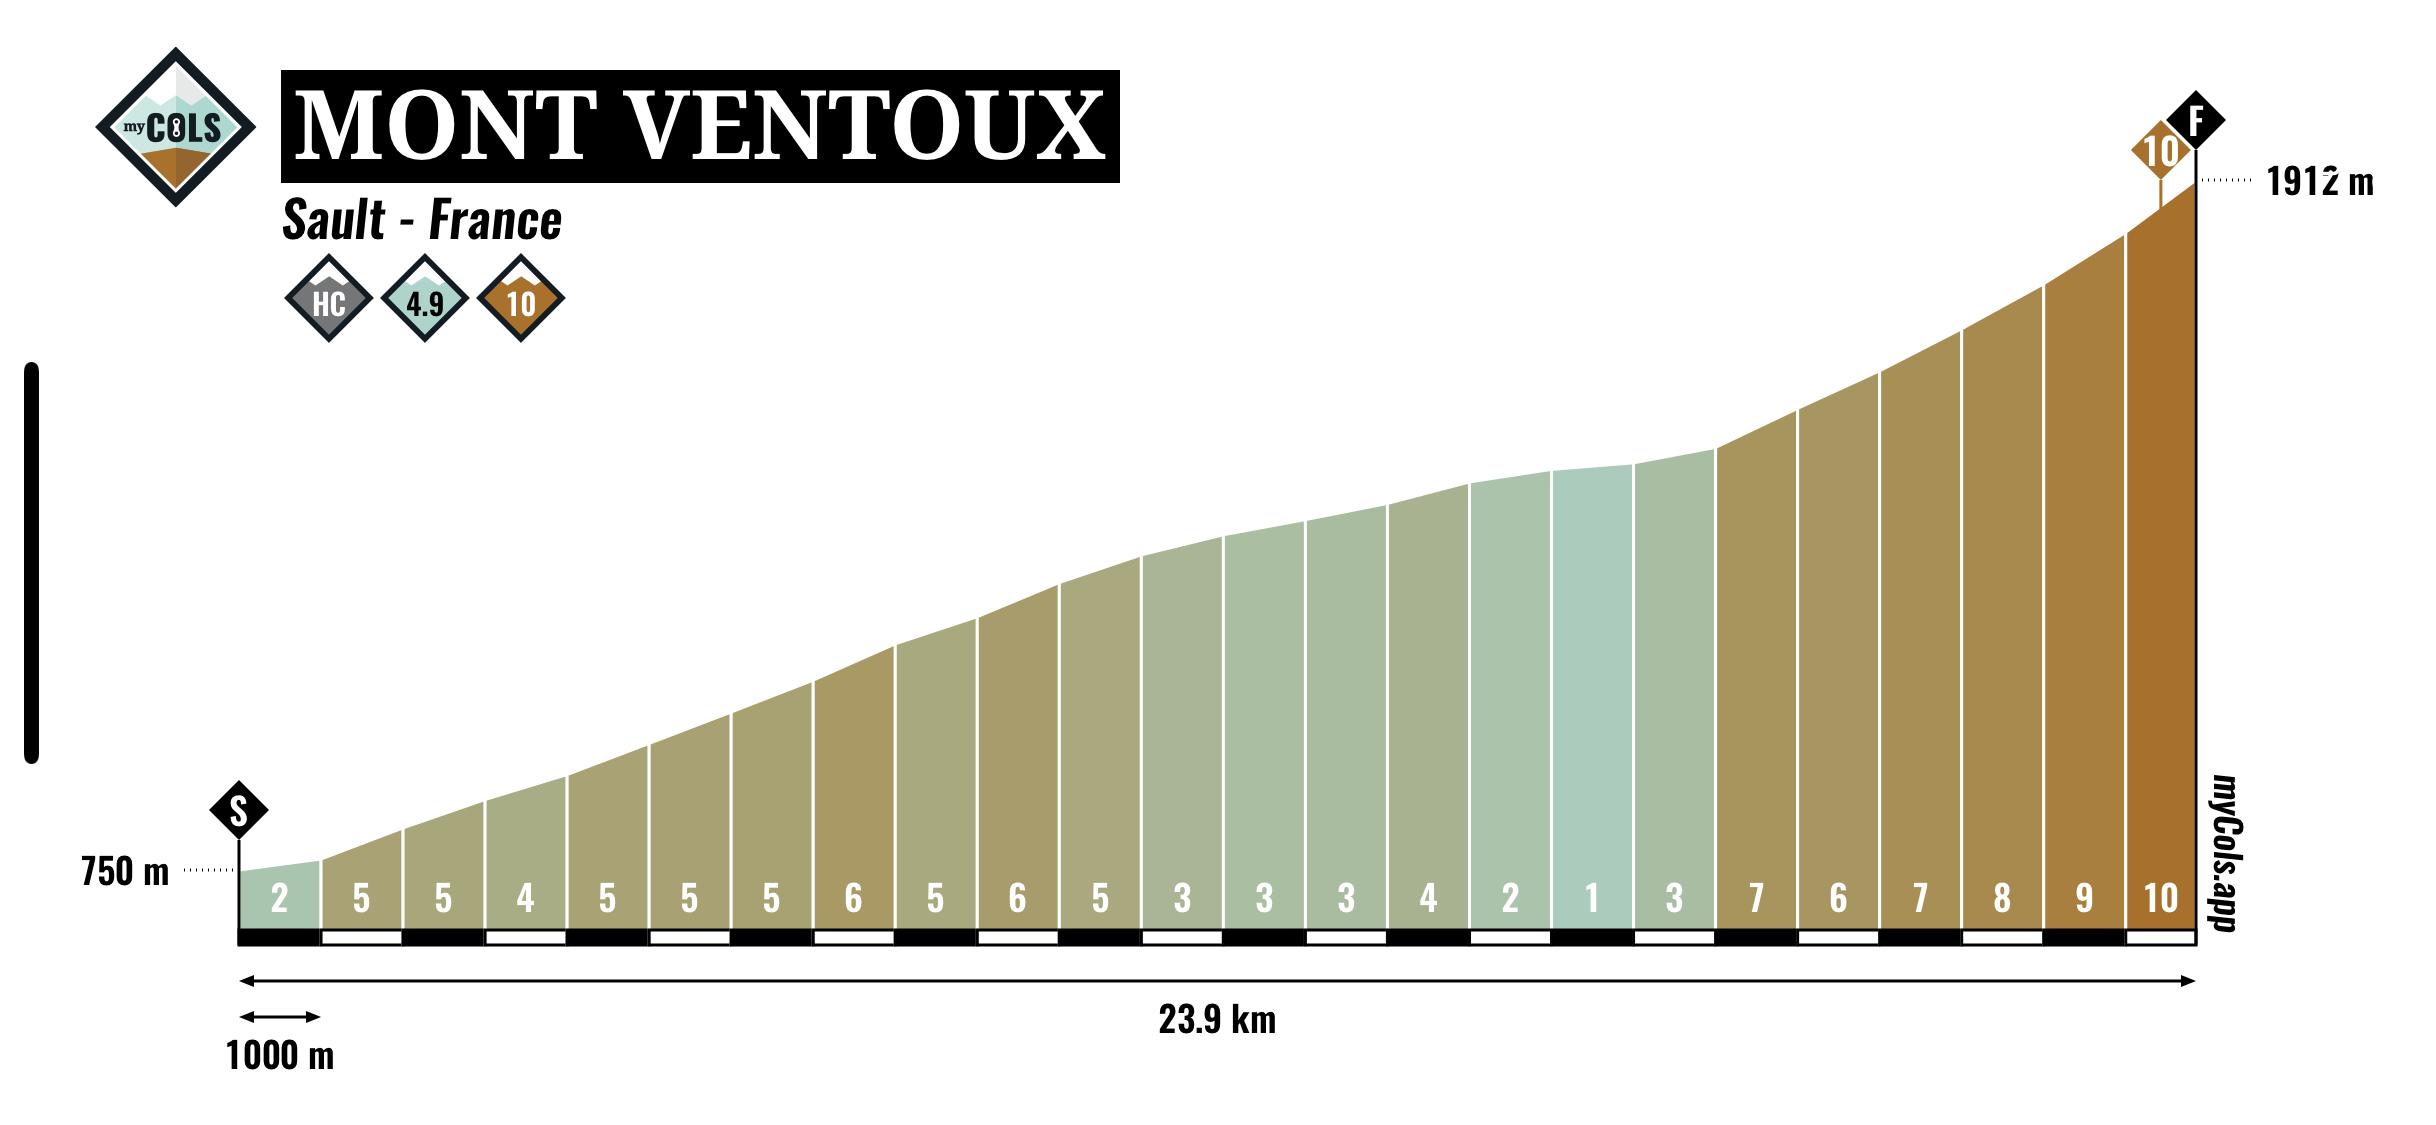 Mont Ventoux via Sault